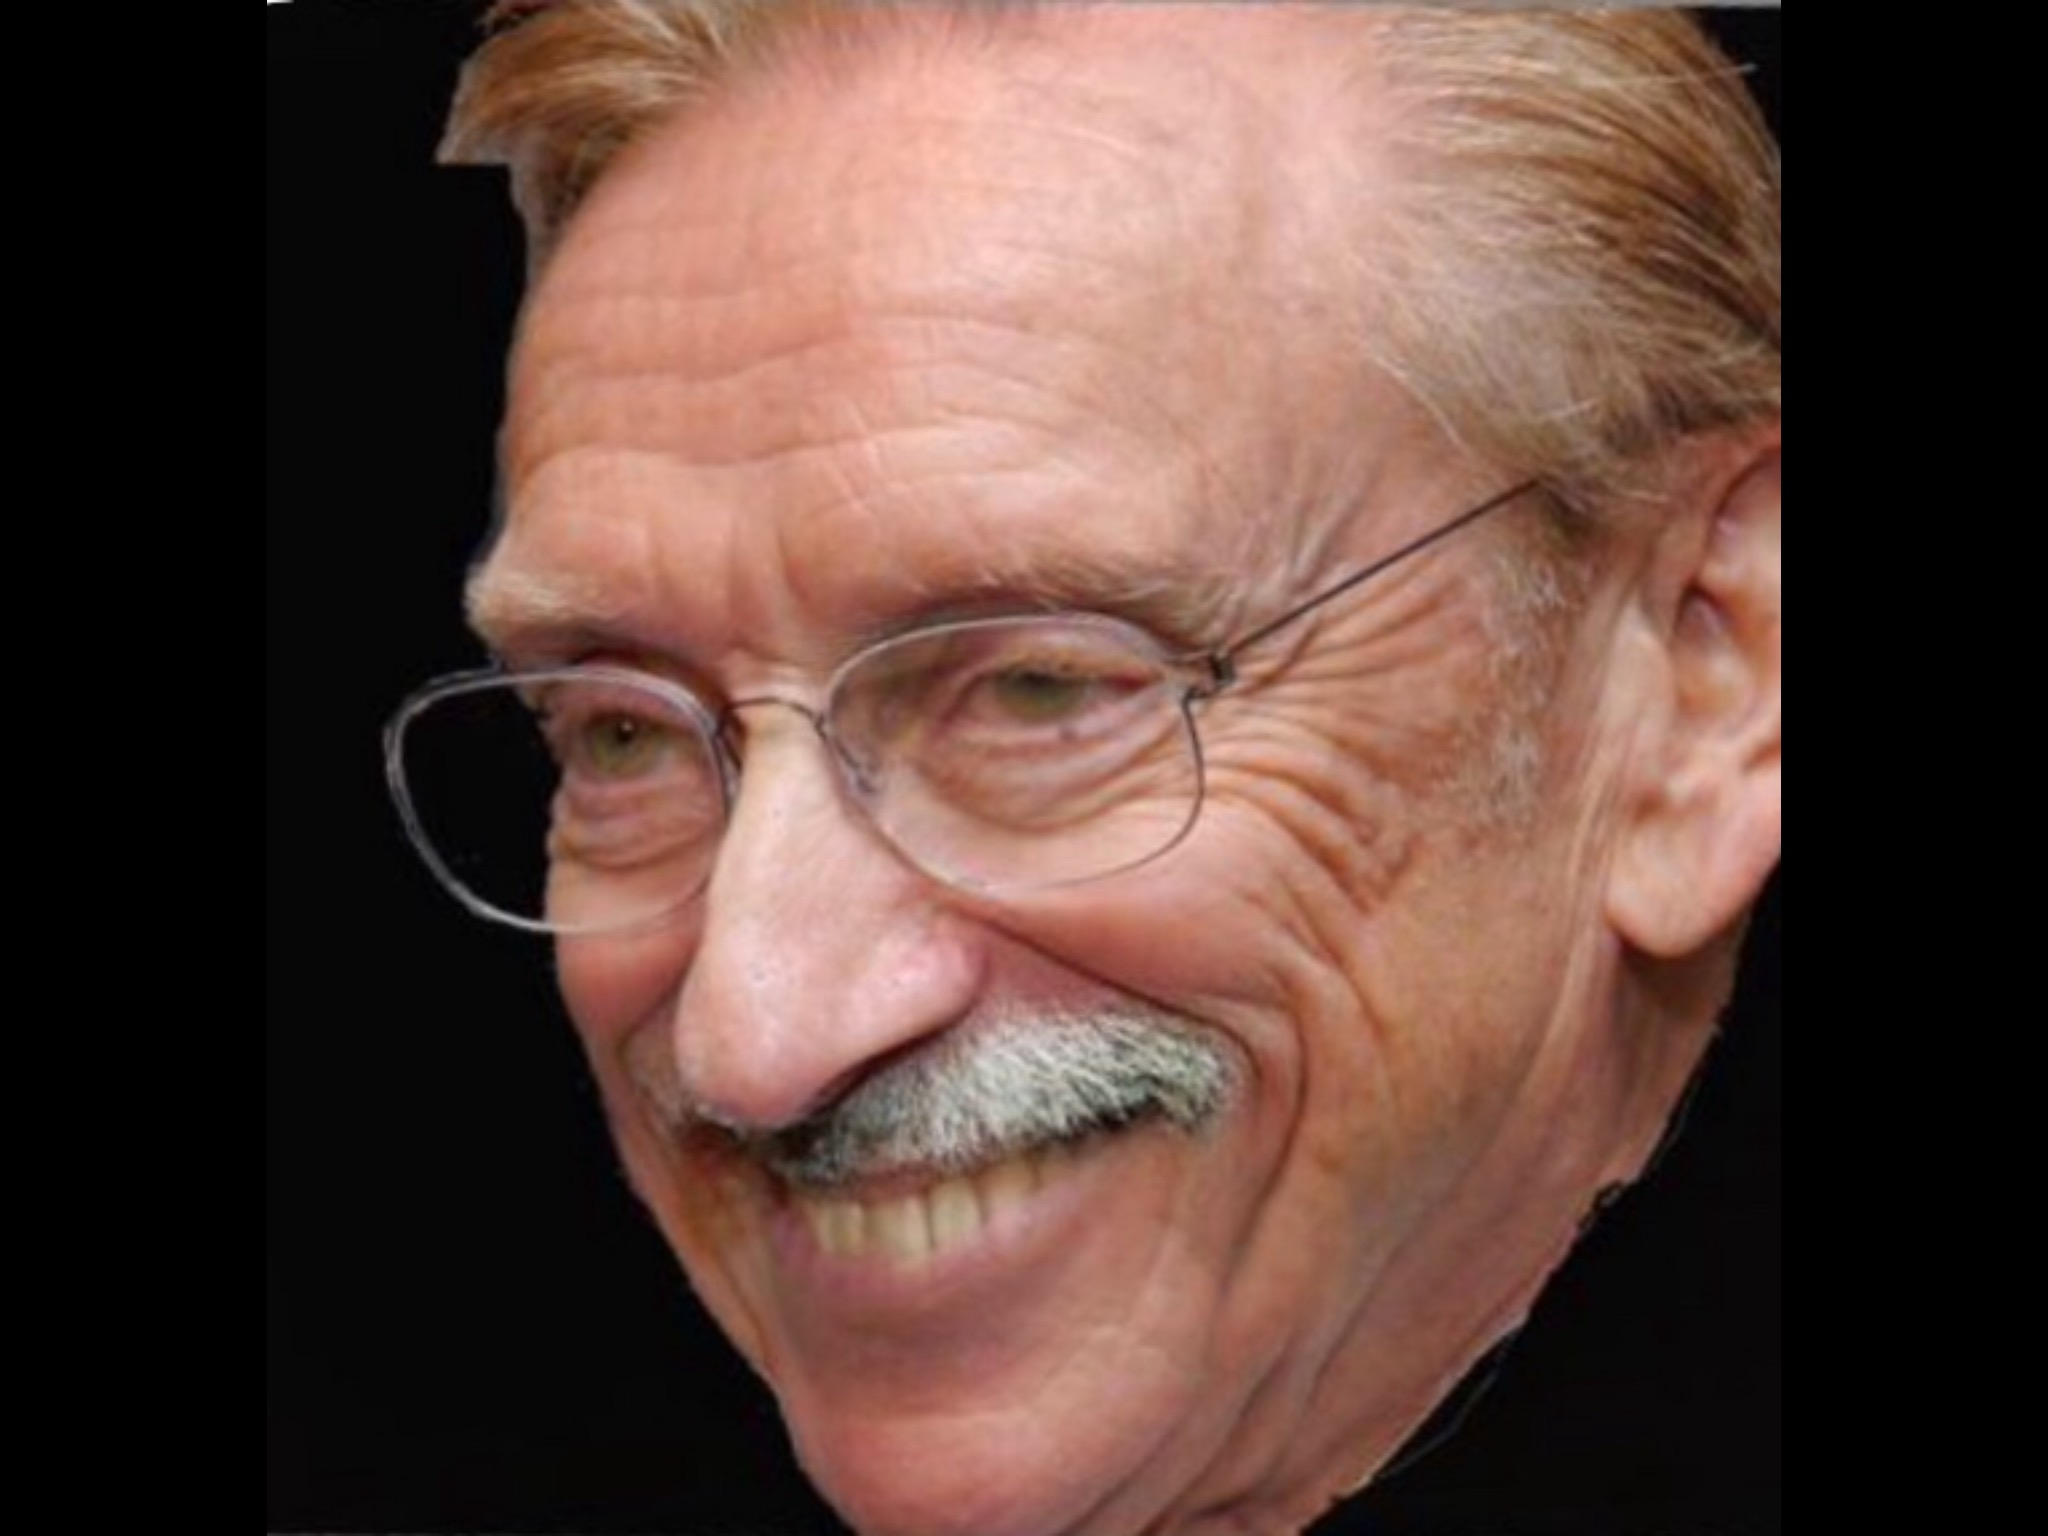 Sticker larry moustache silverstein la chance complot incognito cache norage rire sourire louche regard pervers perv